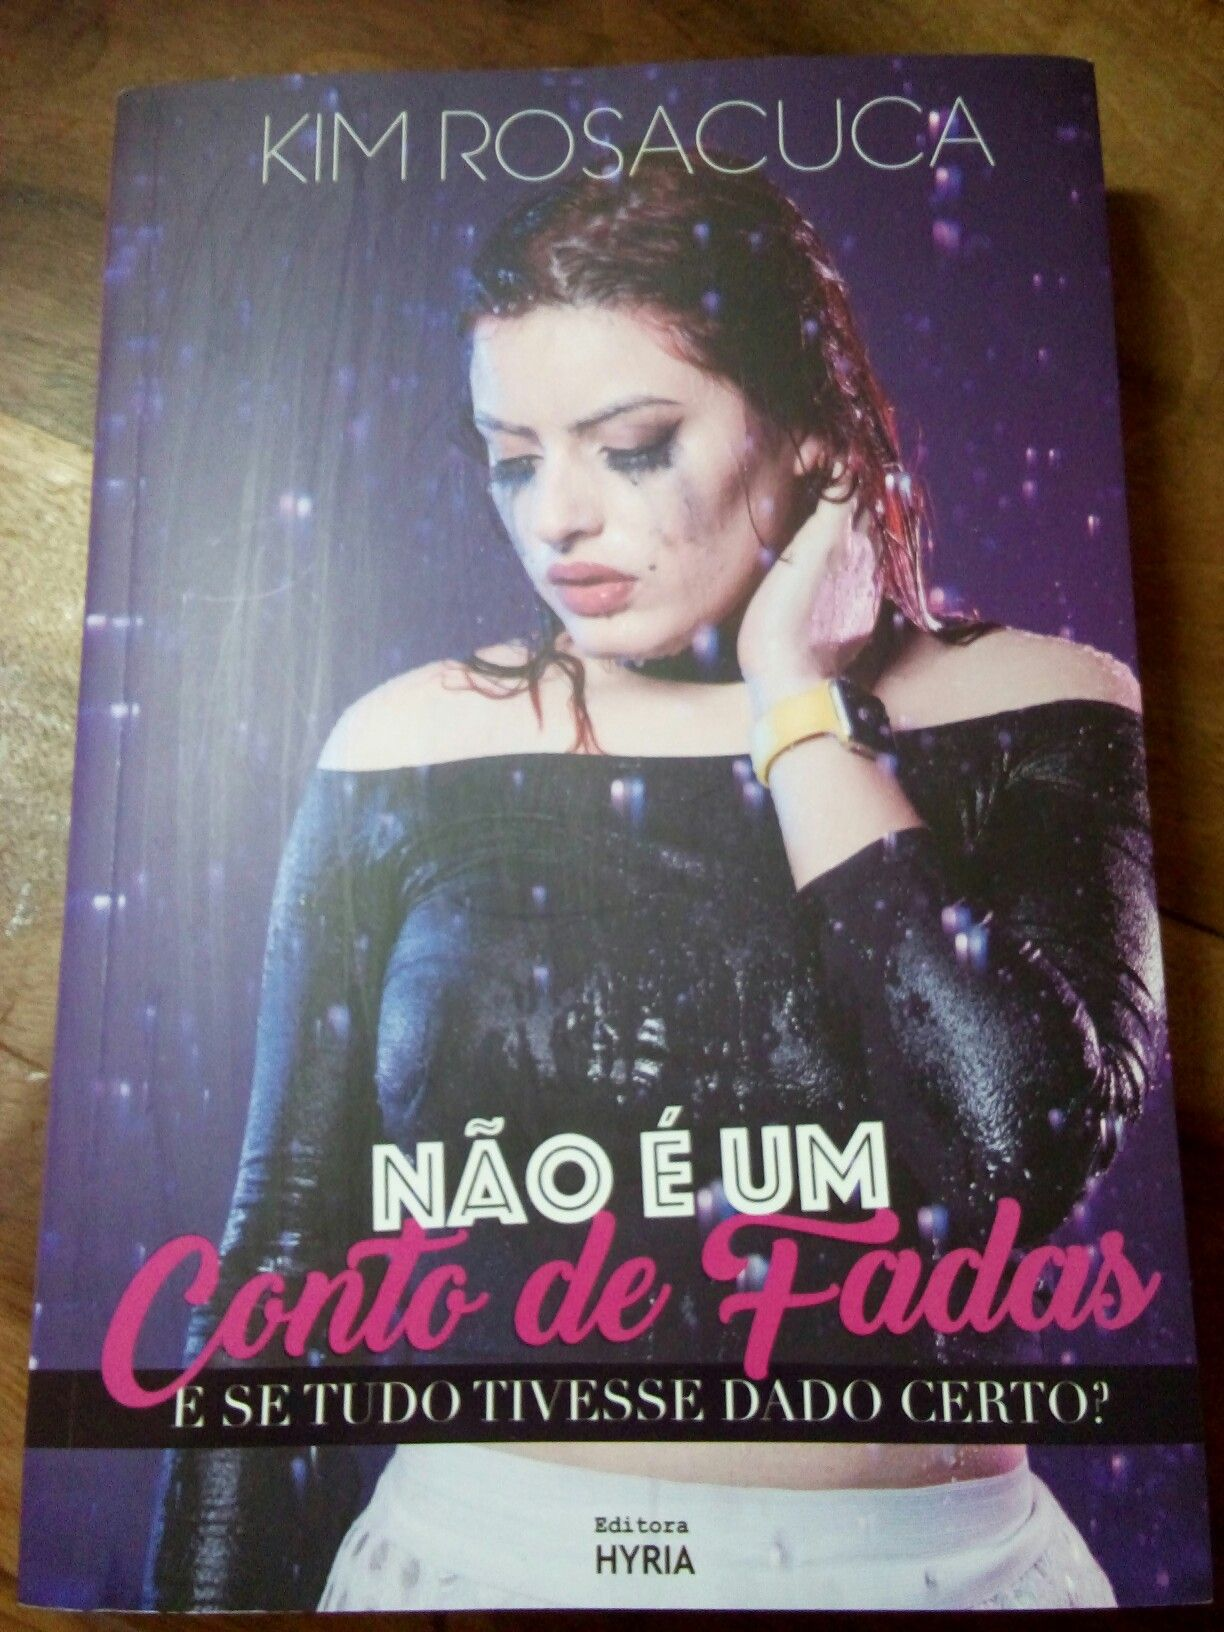 abb96e016ae70 Livro da Kim Rosacuca   livros   Pinterest   Books, Youtubers e Good ...